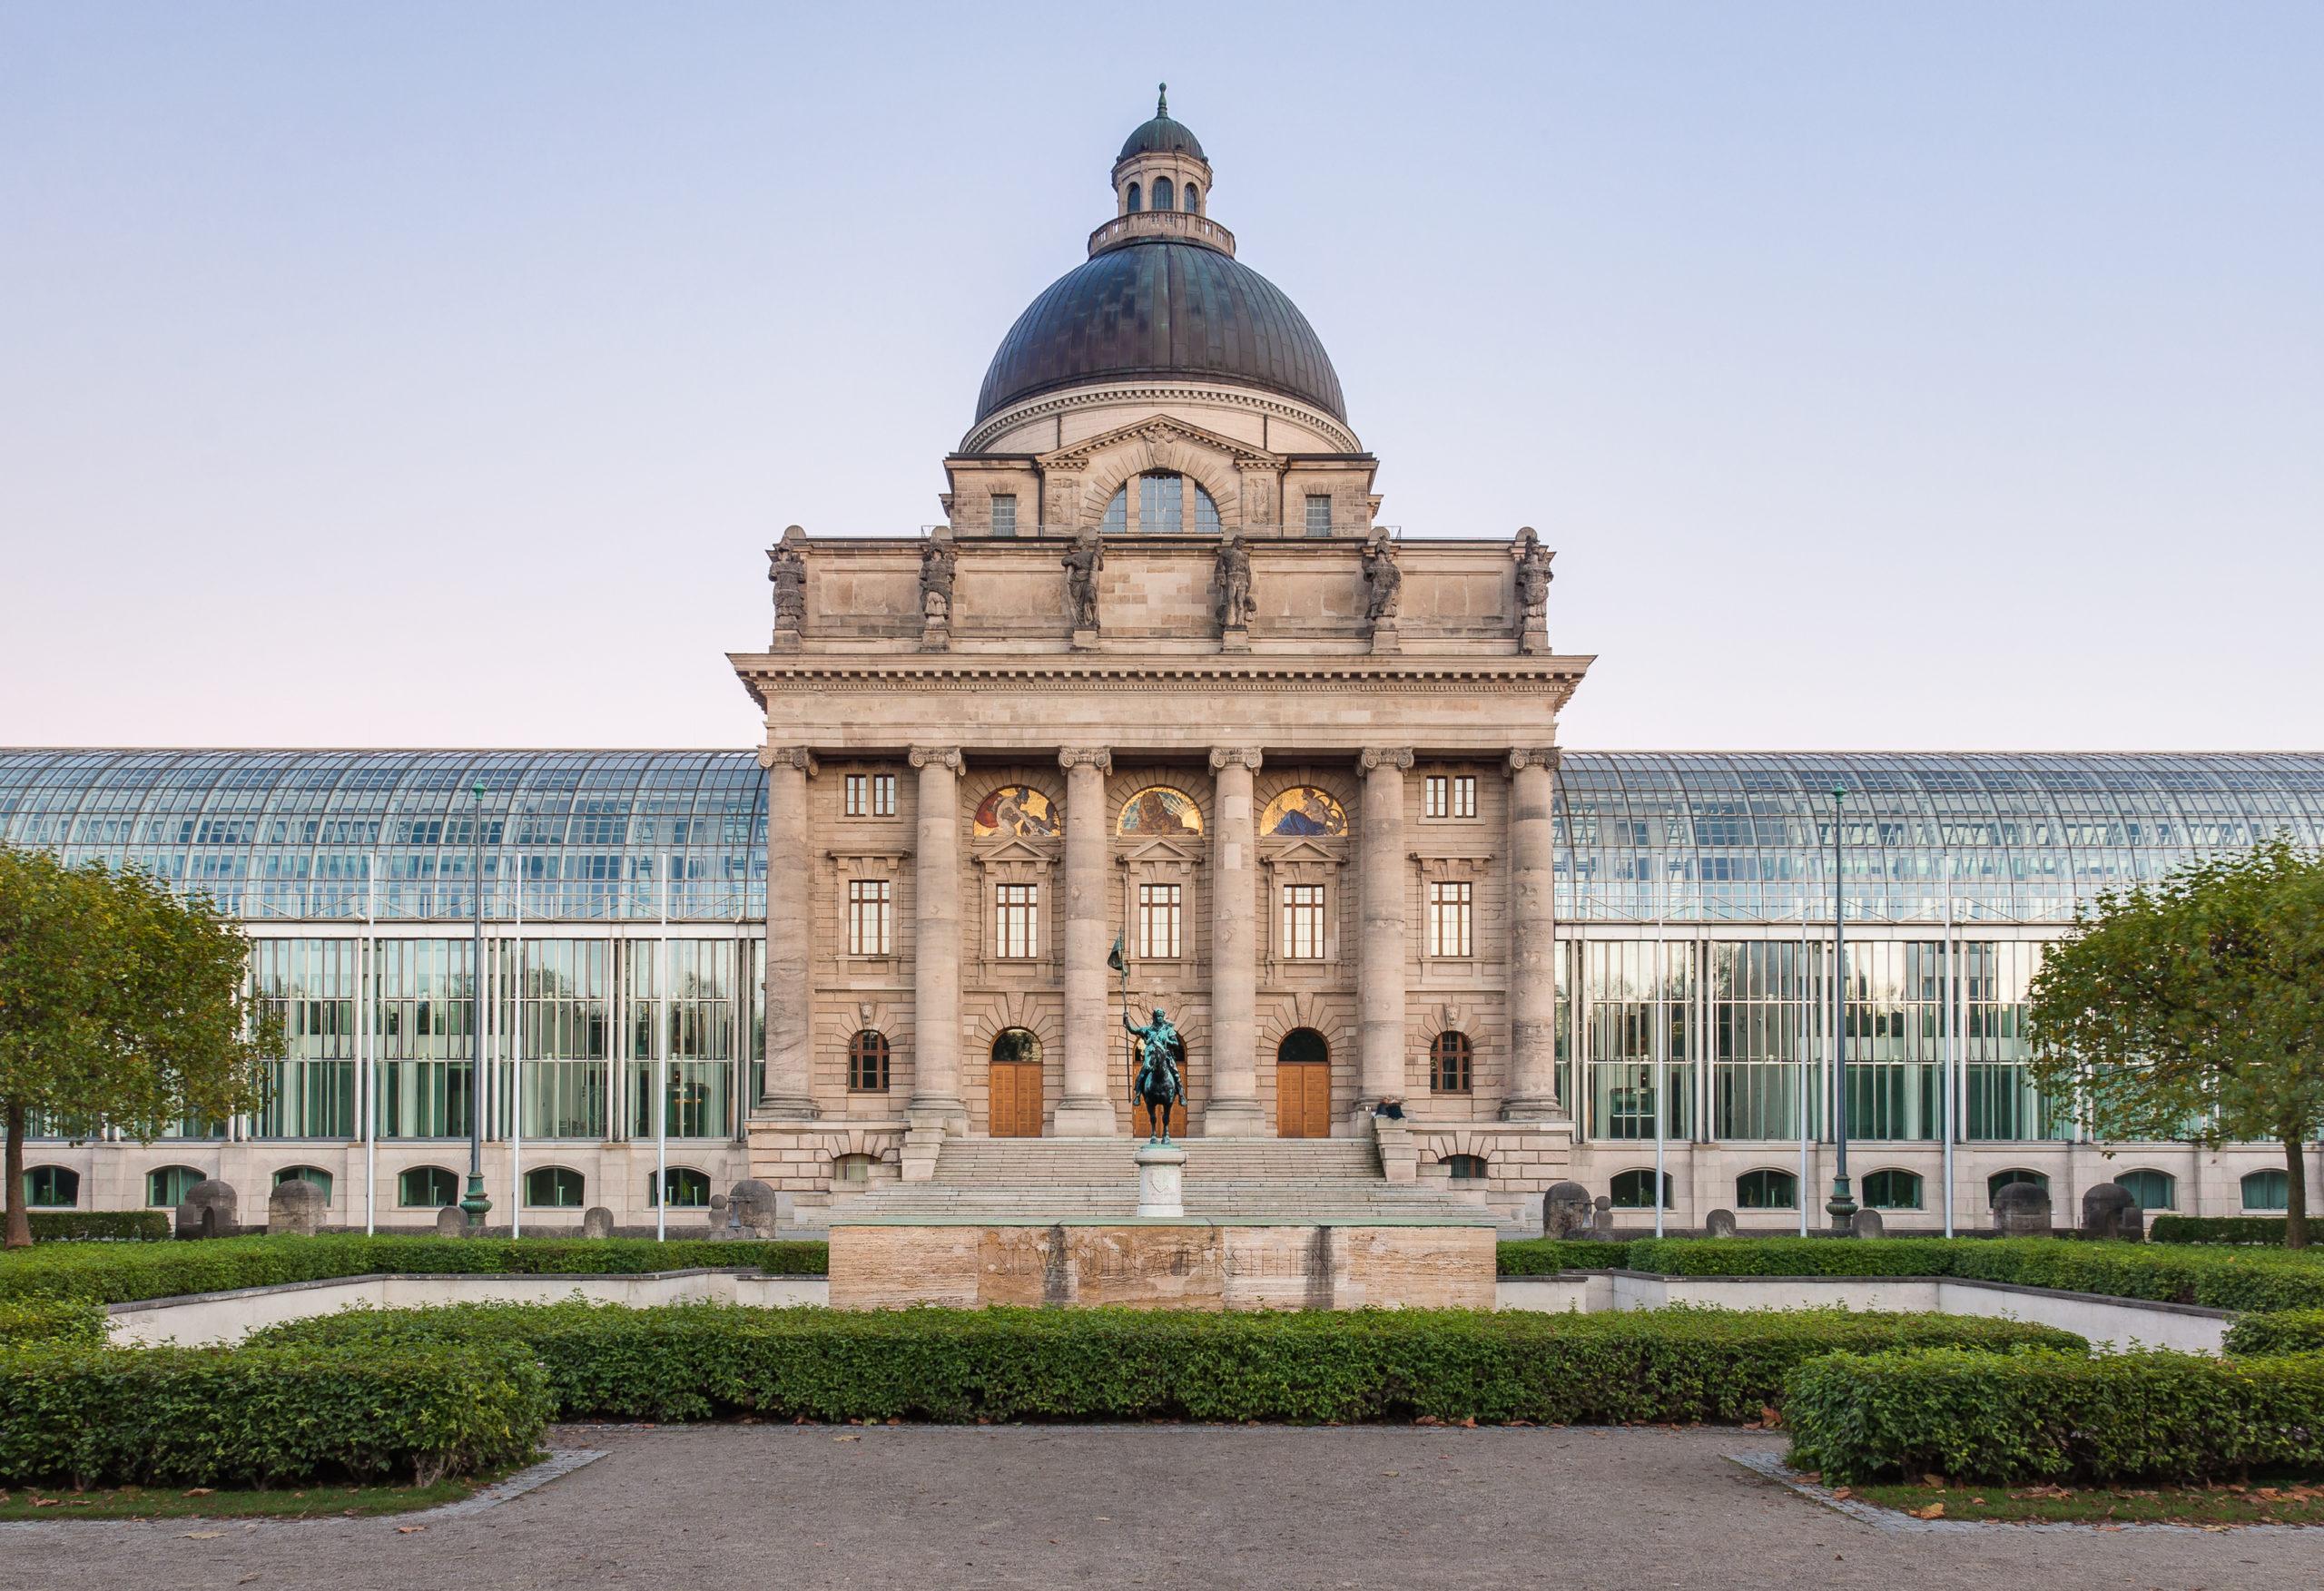 Staatskanzlei Munich - Bavarian State Chancellery - Credits to Julian Herzog